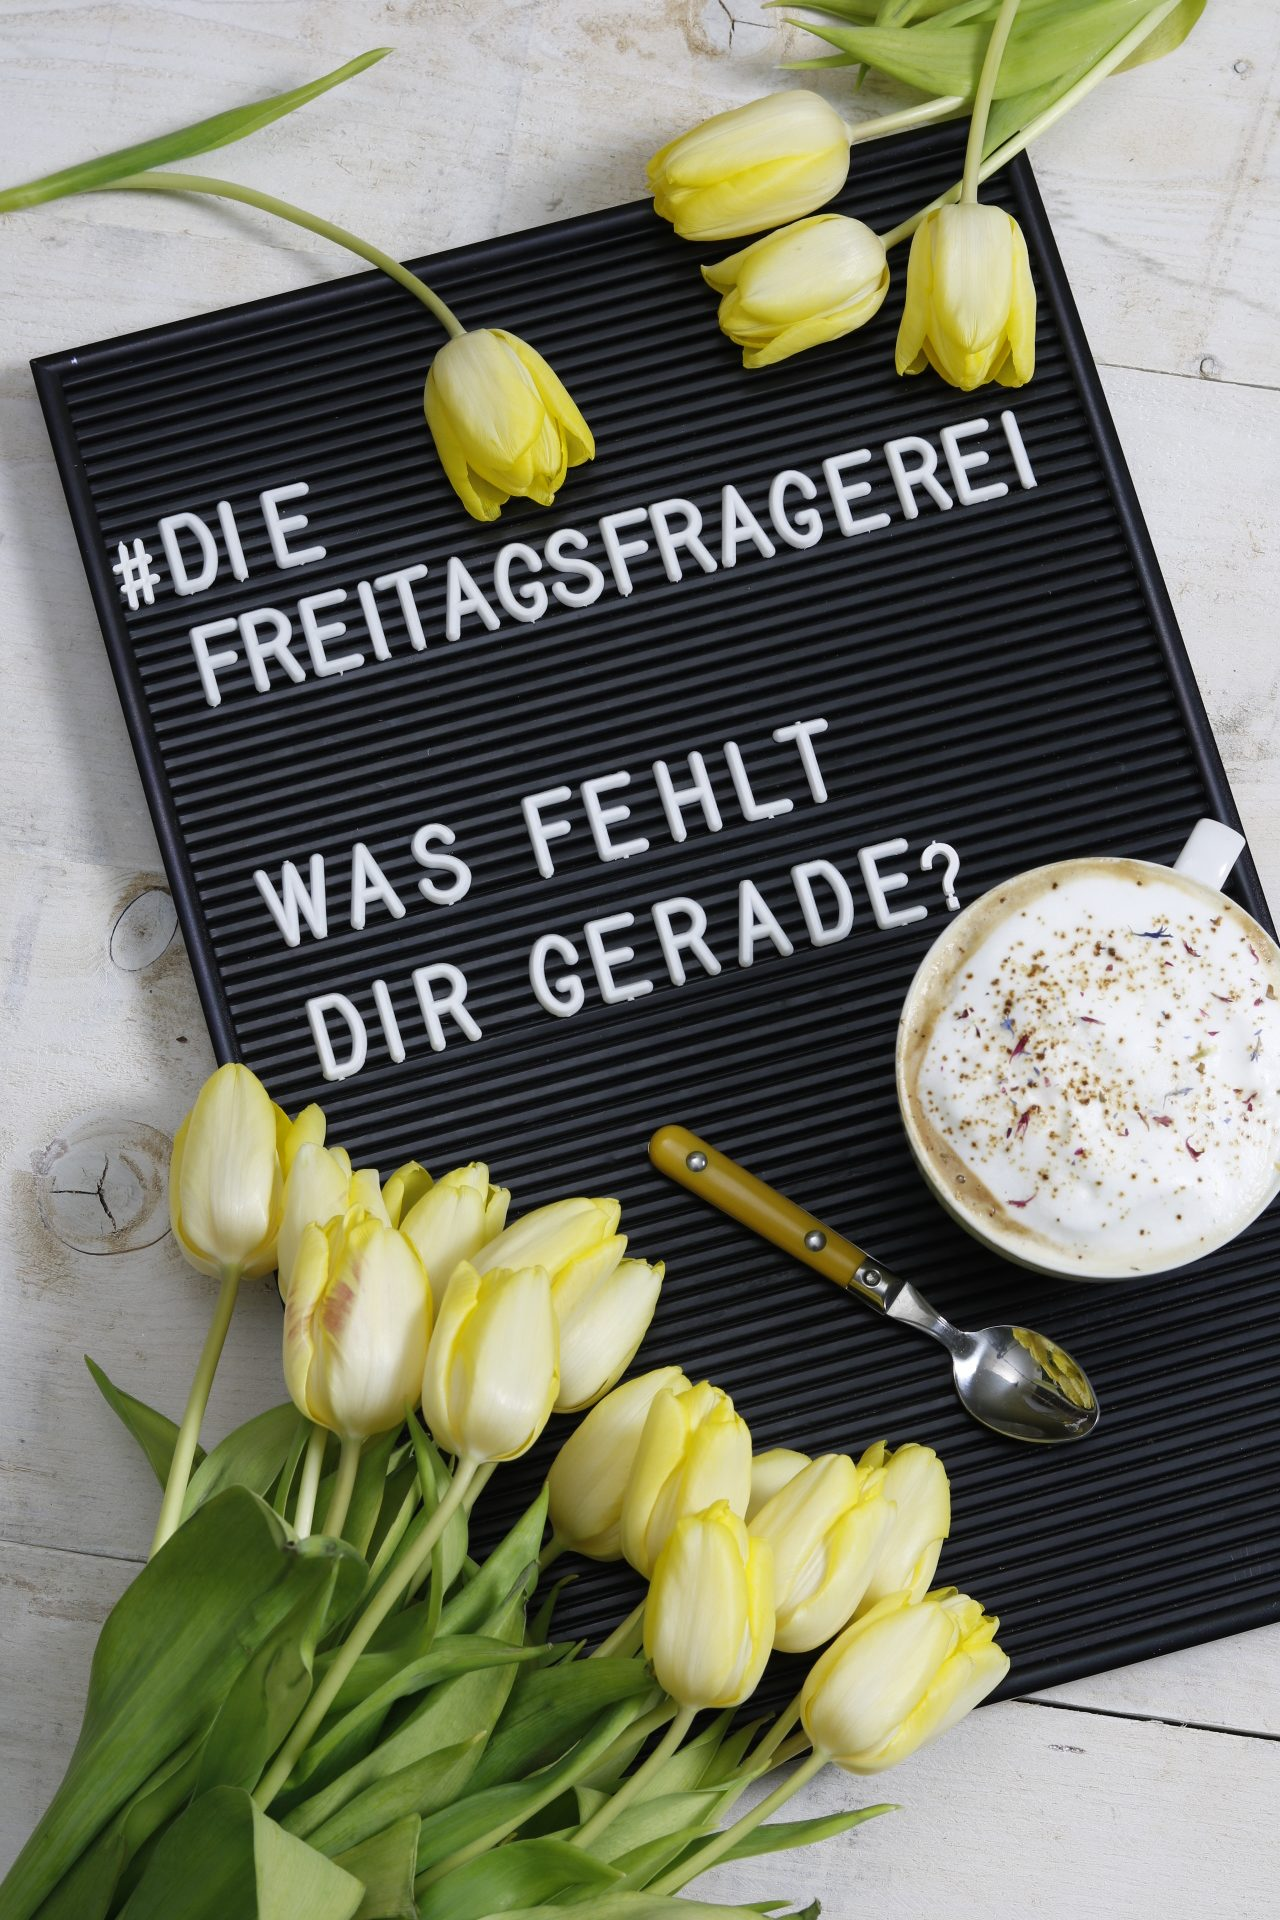 #diefreitagsfragerei, Fragen, Lebensfragen, diealltagsfeierin.de, Wochenendfeierei No 02-20